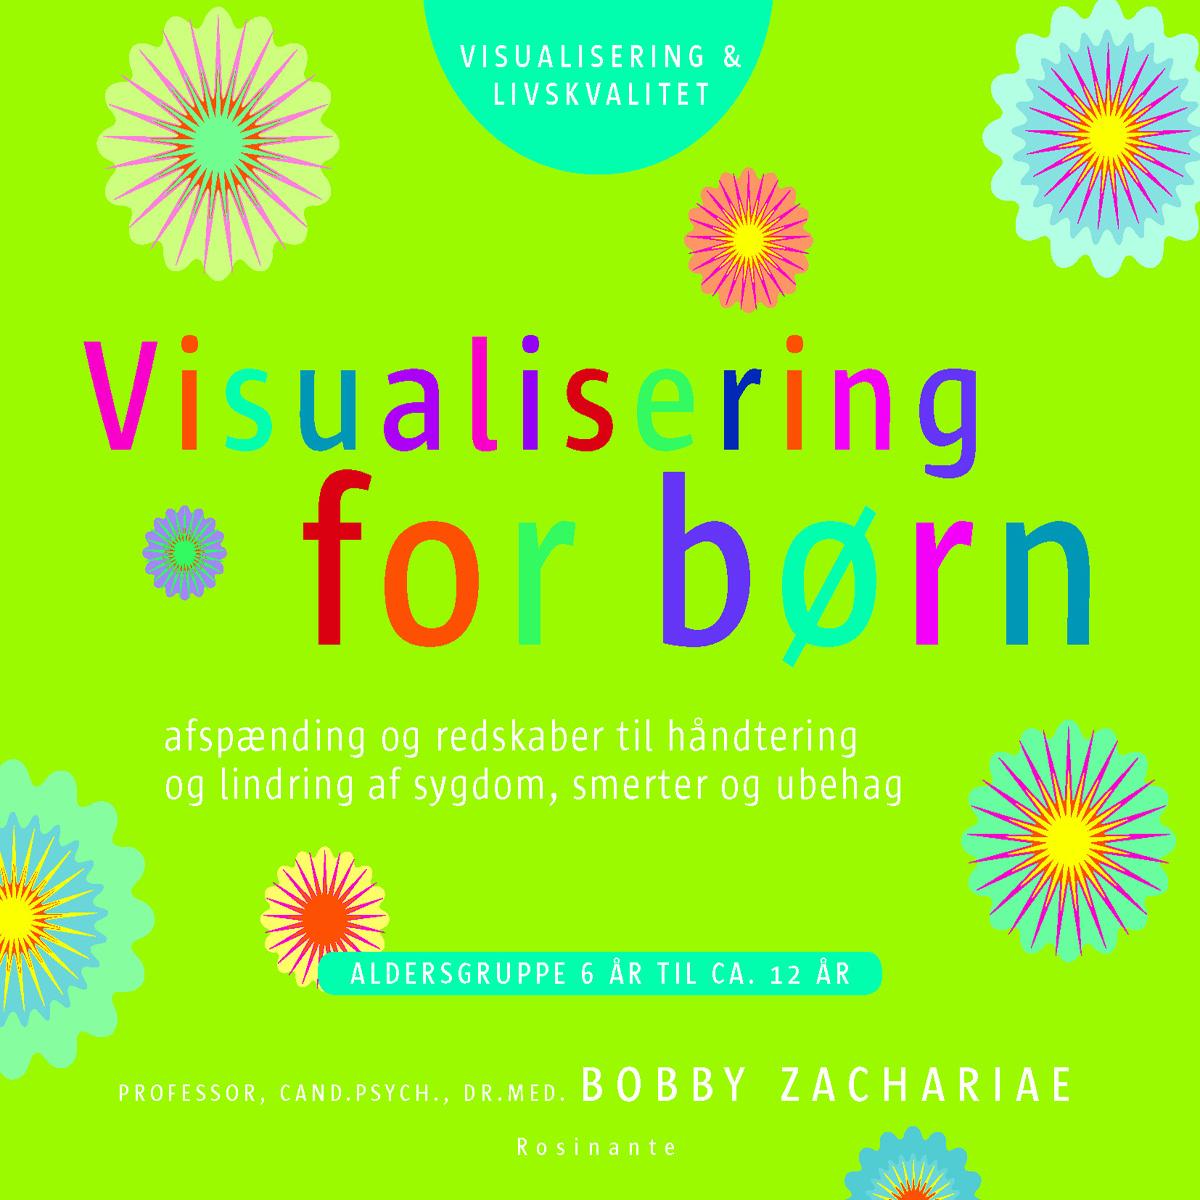 N/A – Visualisering for børn - e-lydbog på bog & mystik